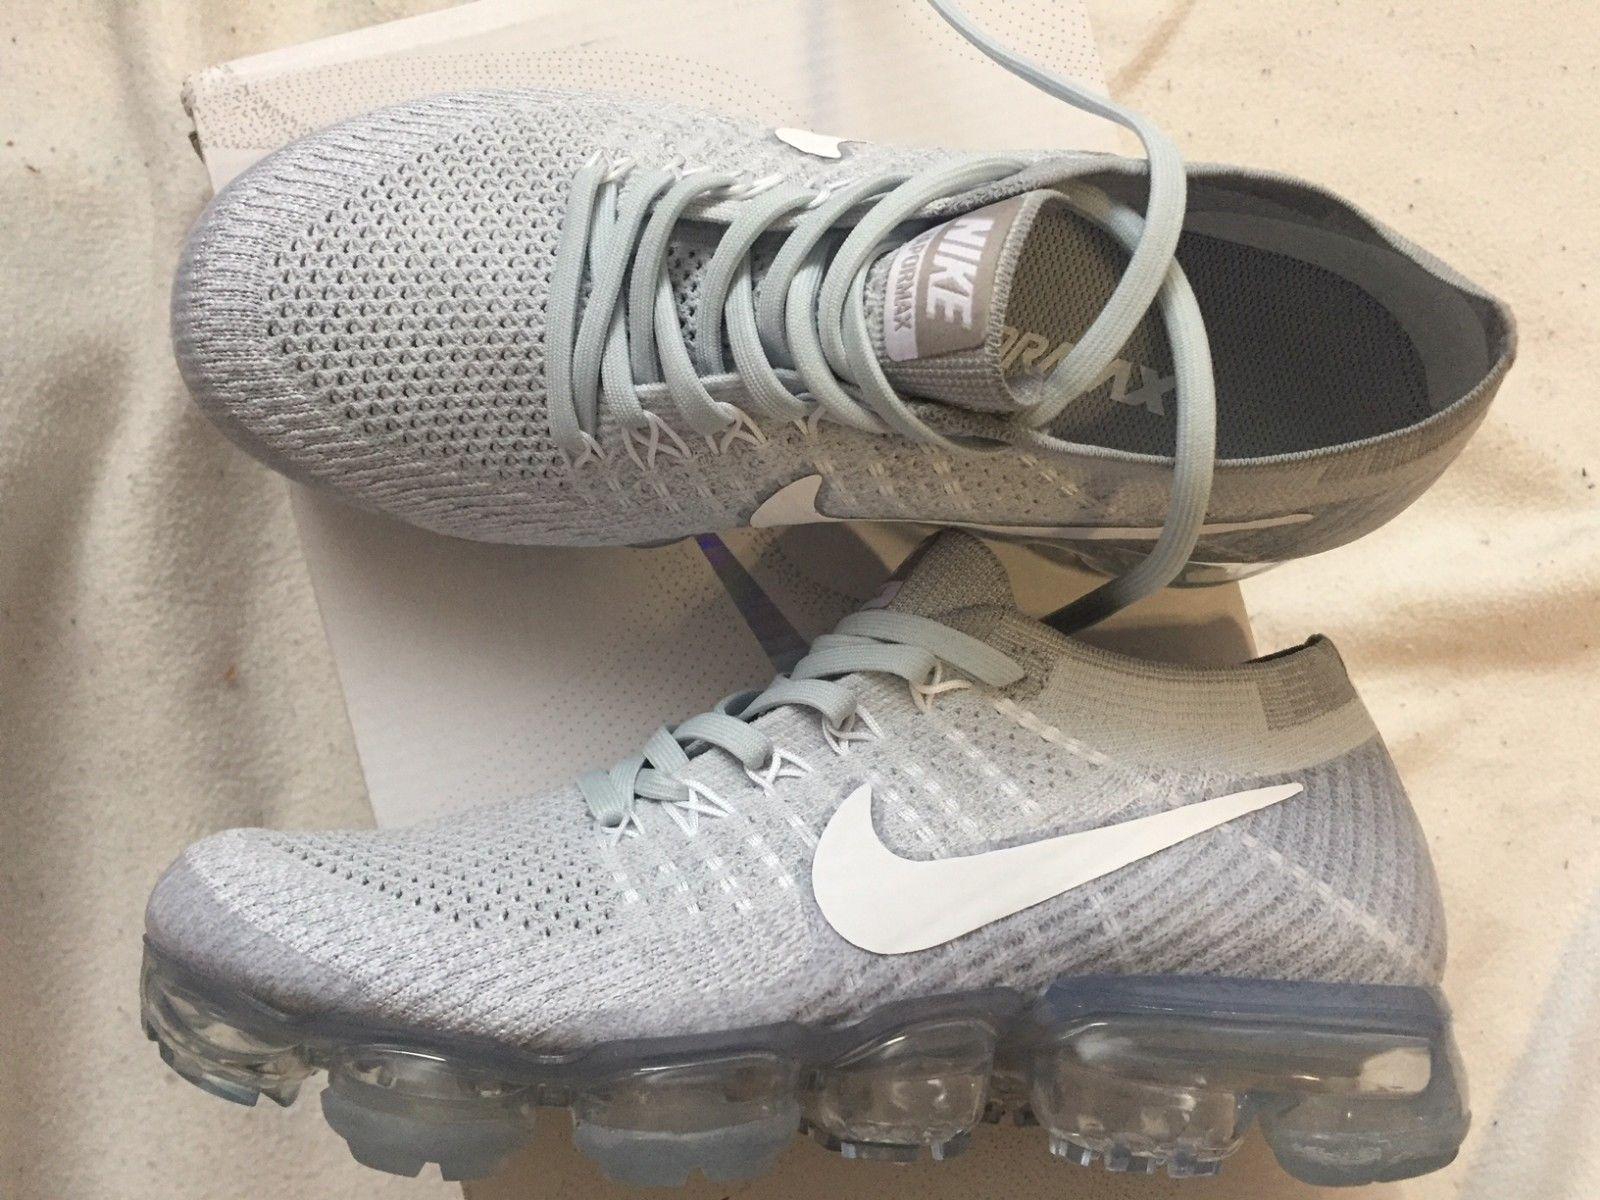 11d2c1b456a4 Nike Women s Air Vapormax Flyknit 849557-004 US 6.5 EUR 37.5 ...